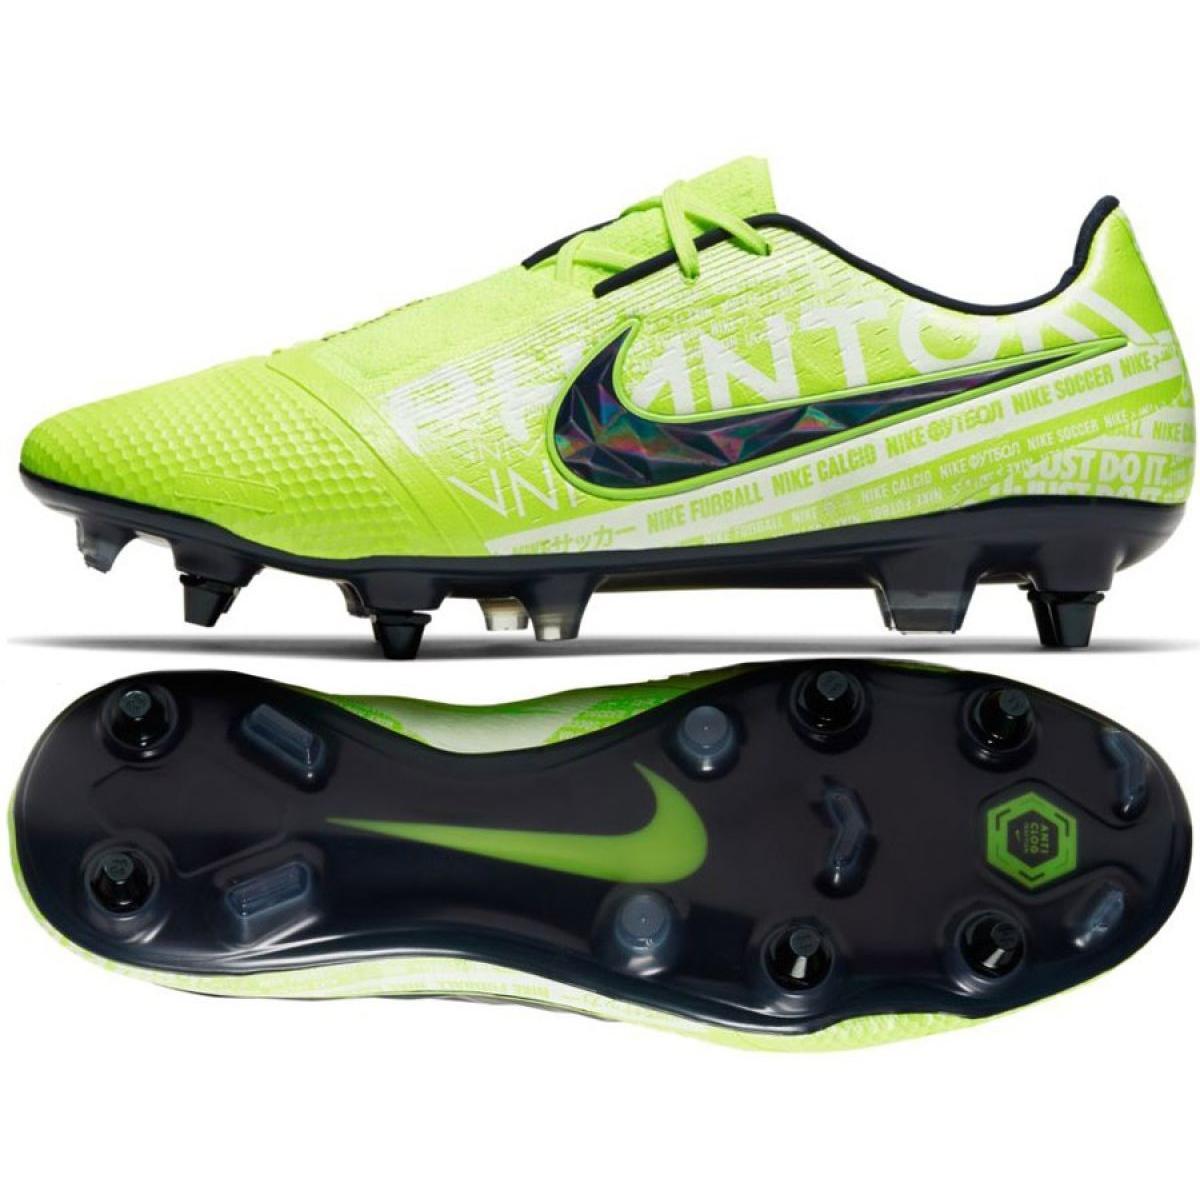 Buty piłkarskie Nike Phantom Venom Academy SG PRO Ac M BQ9140 717 żółte żółty